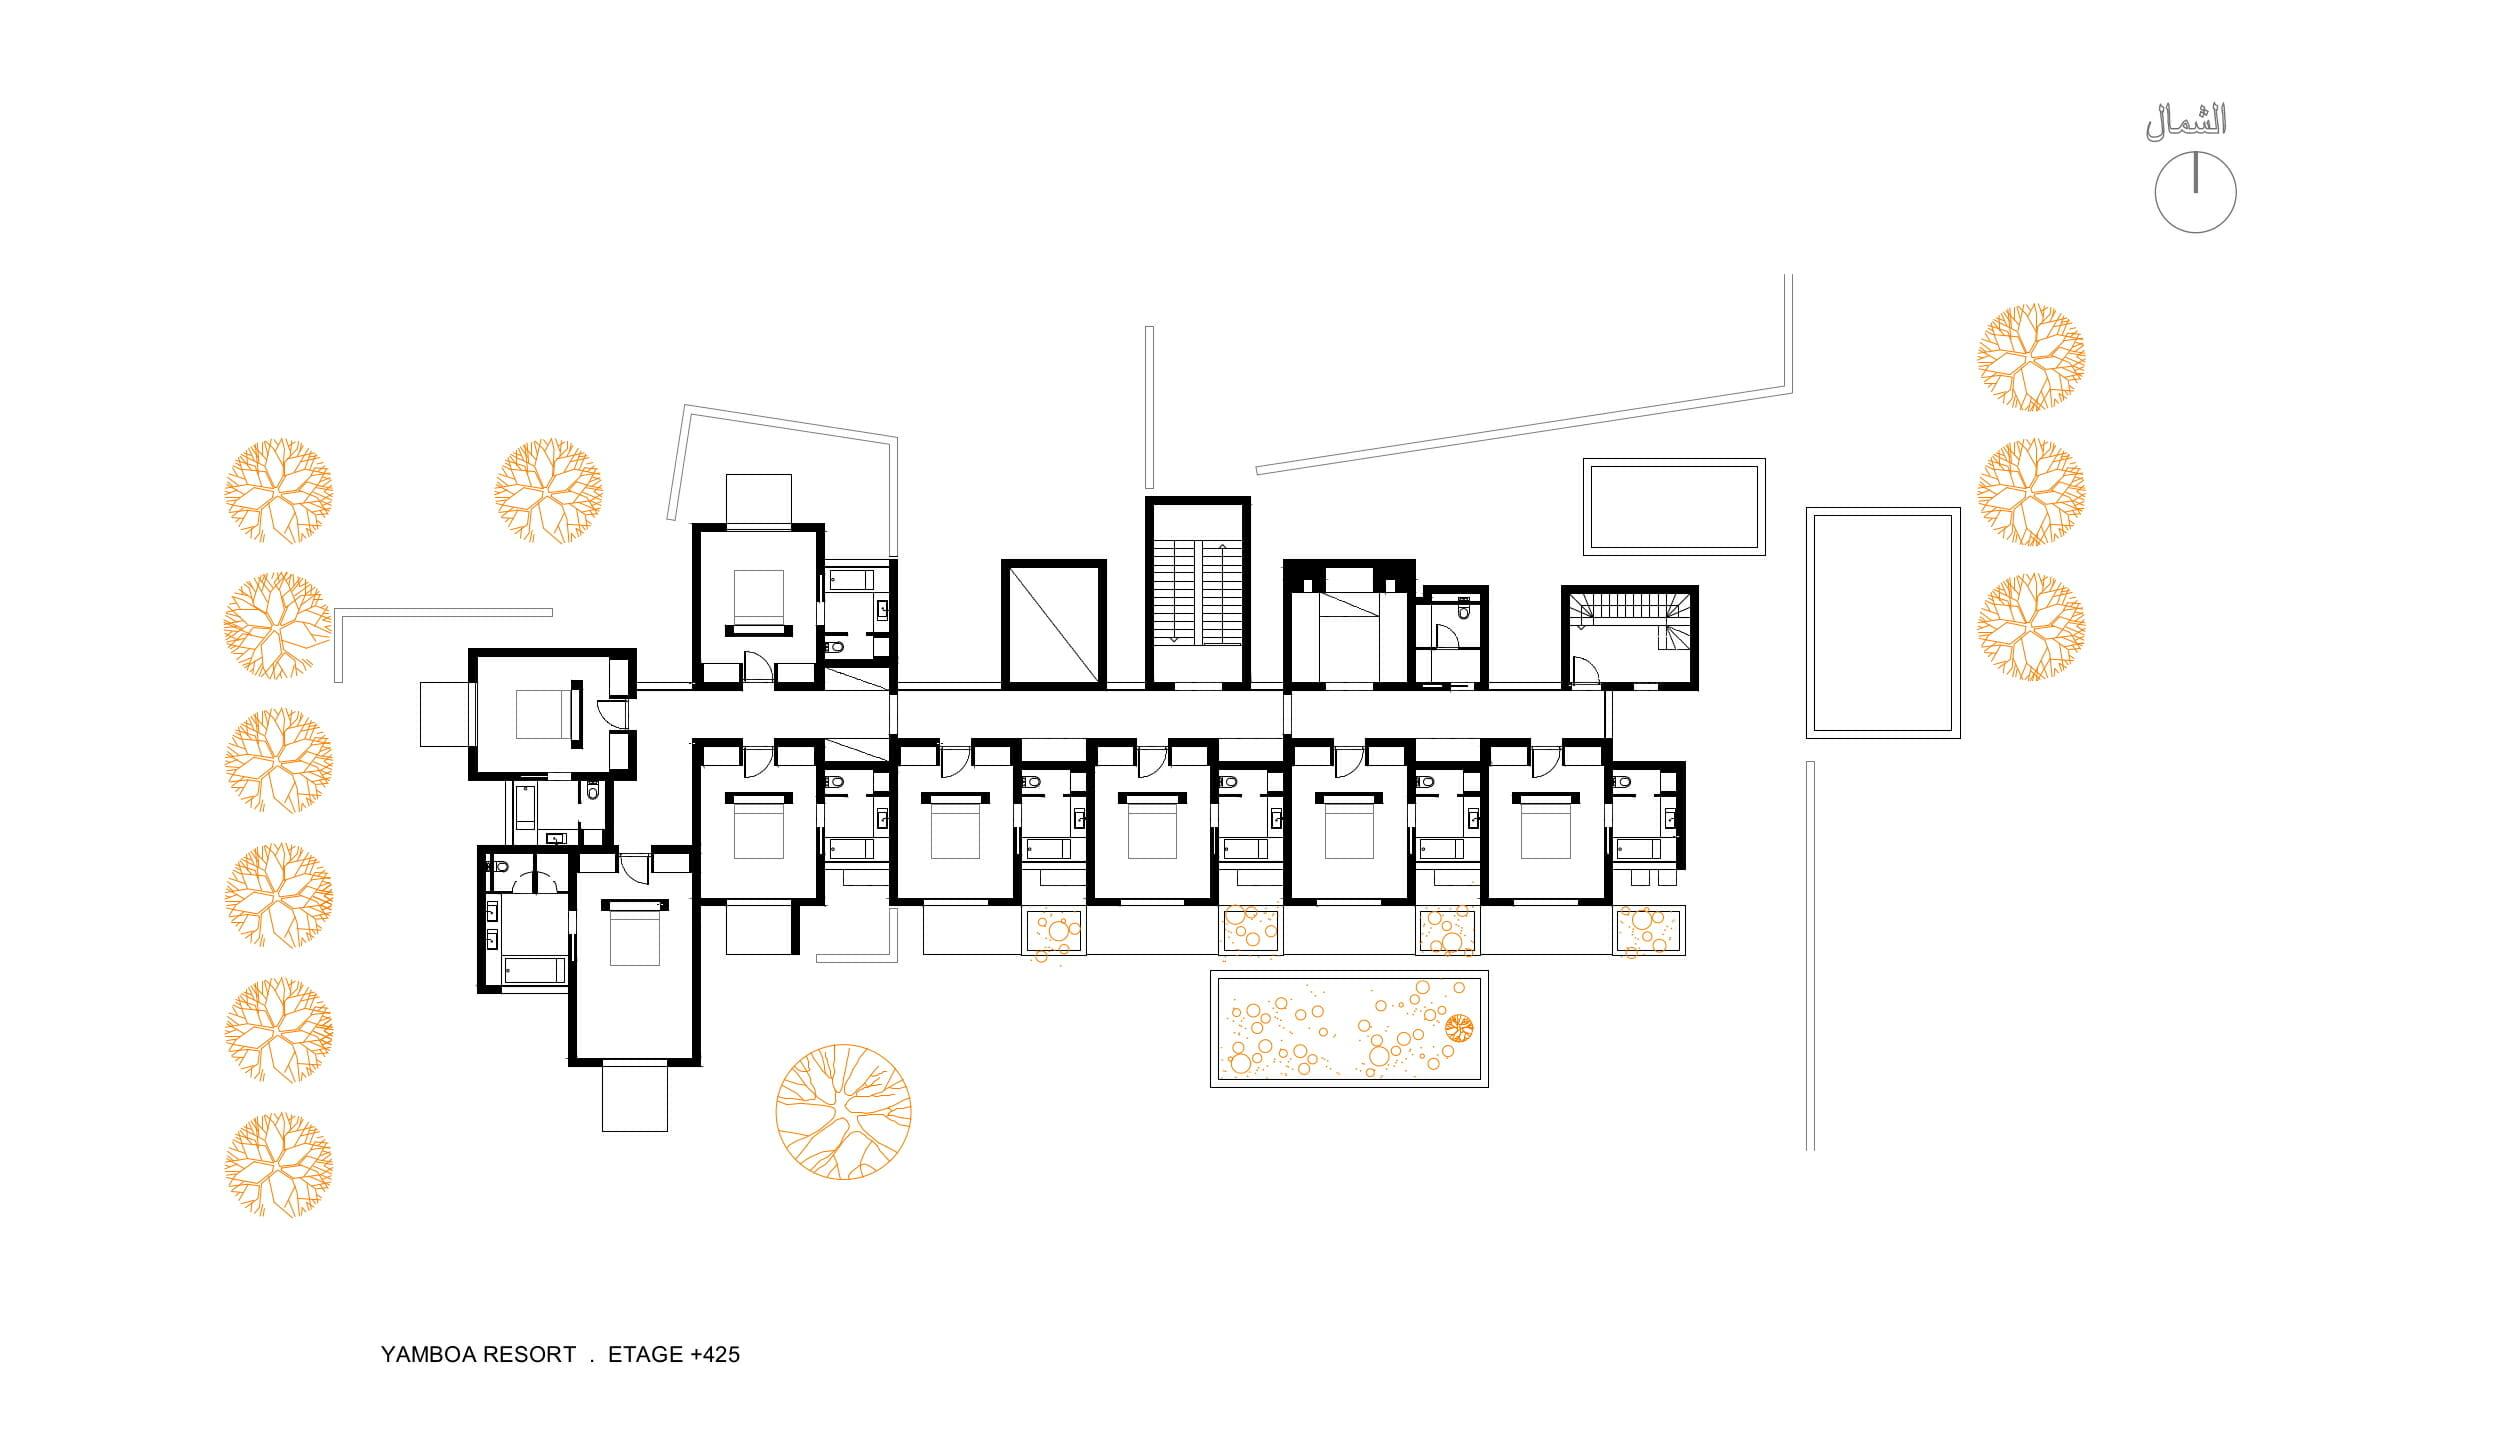 YAMBOA.plan-3-etage